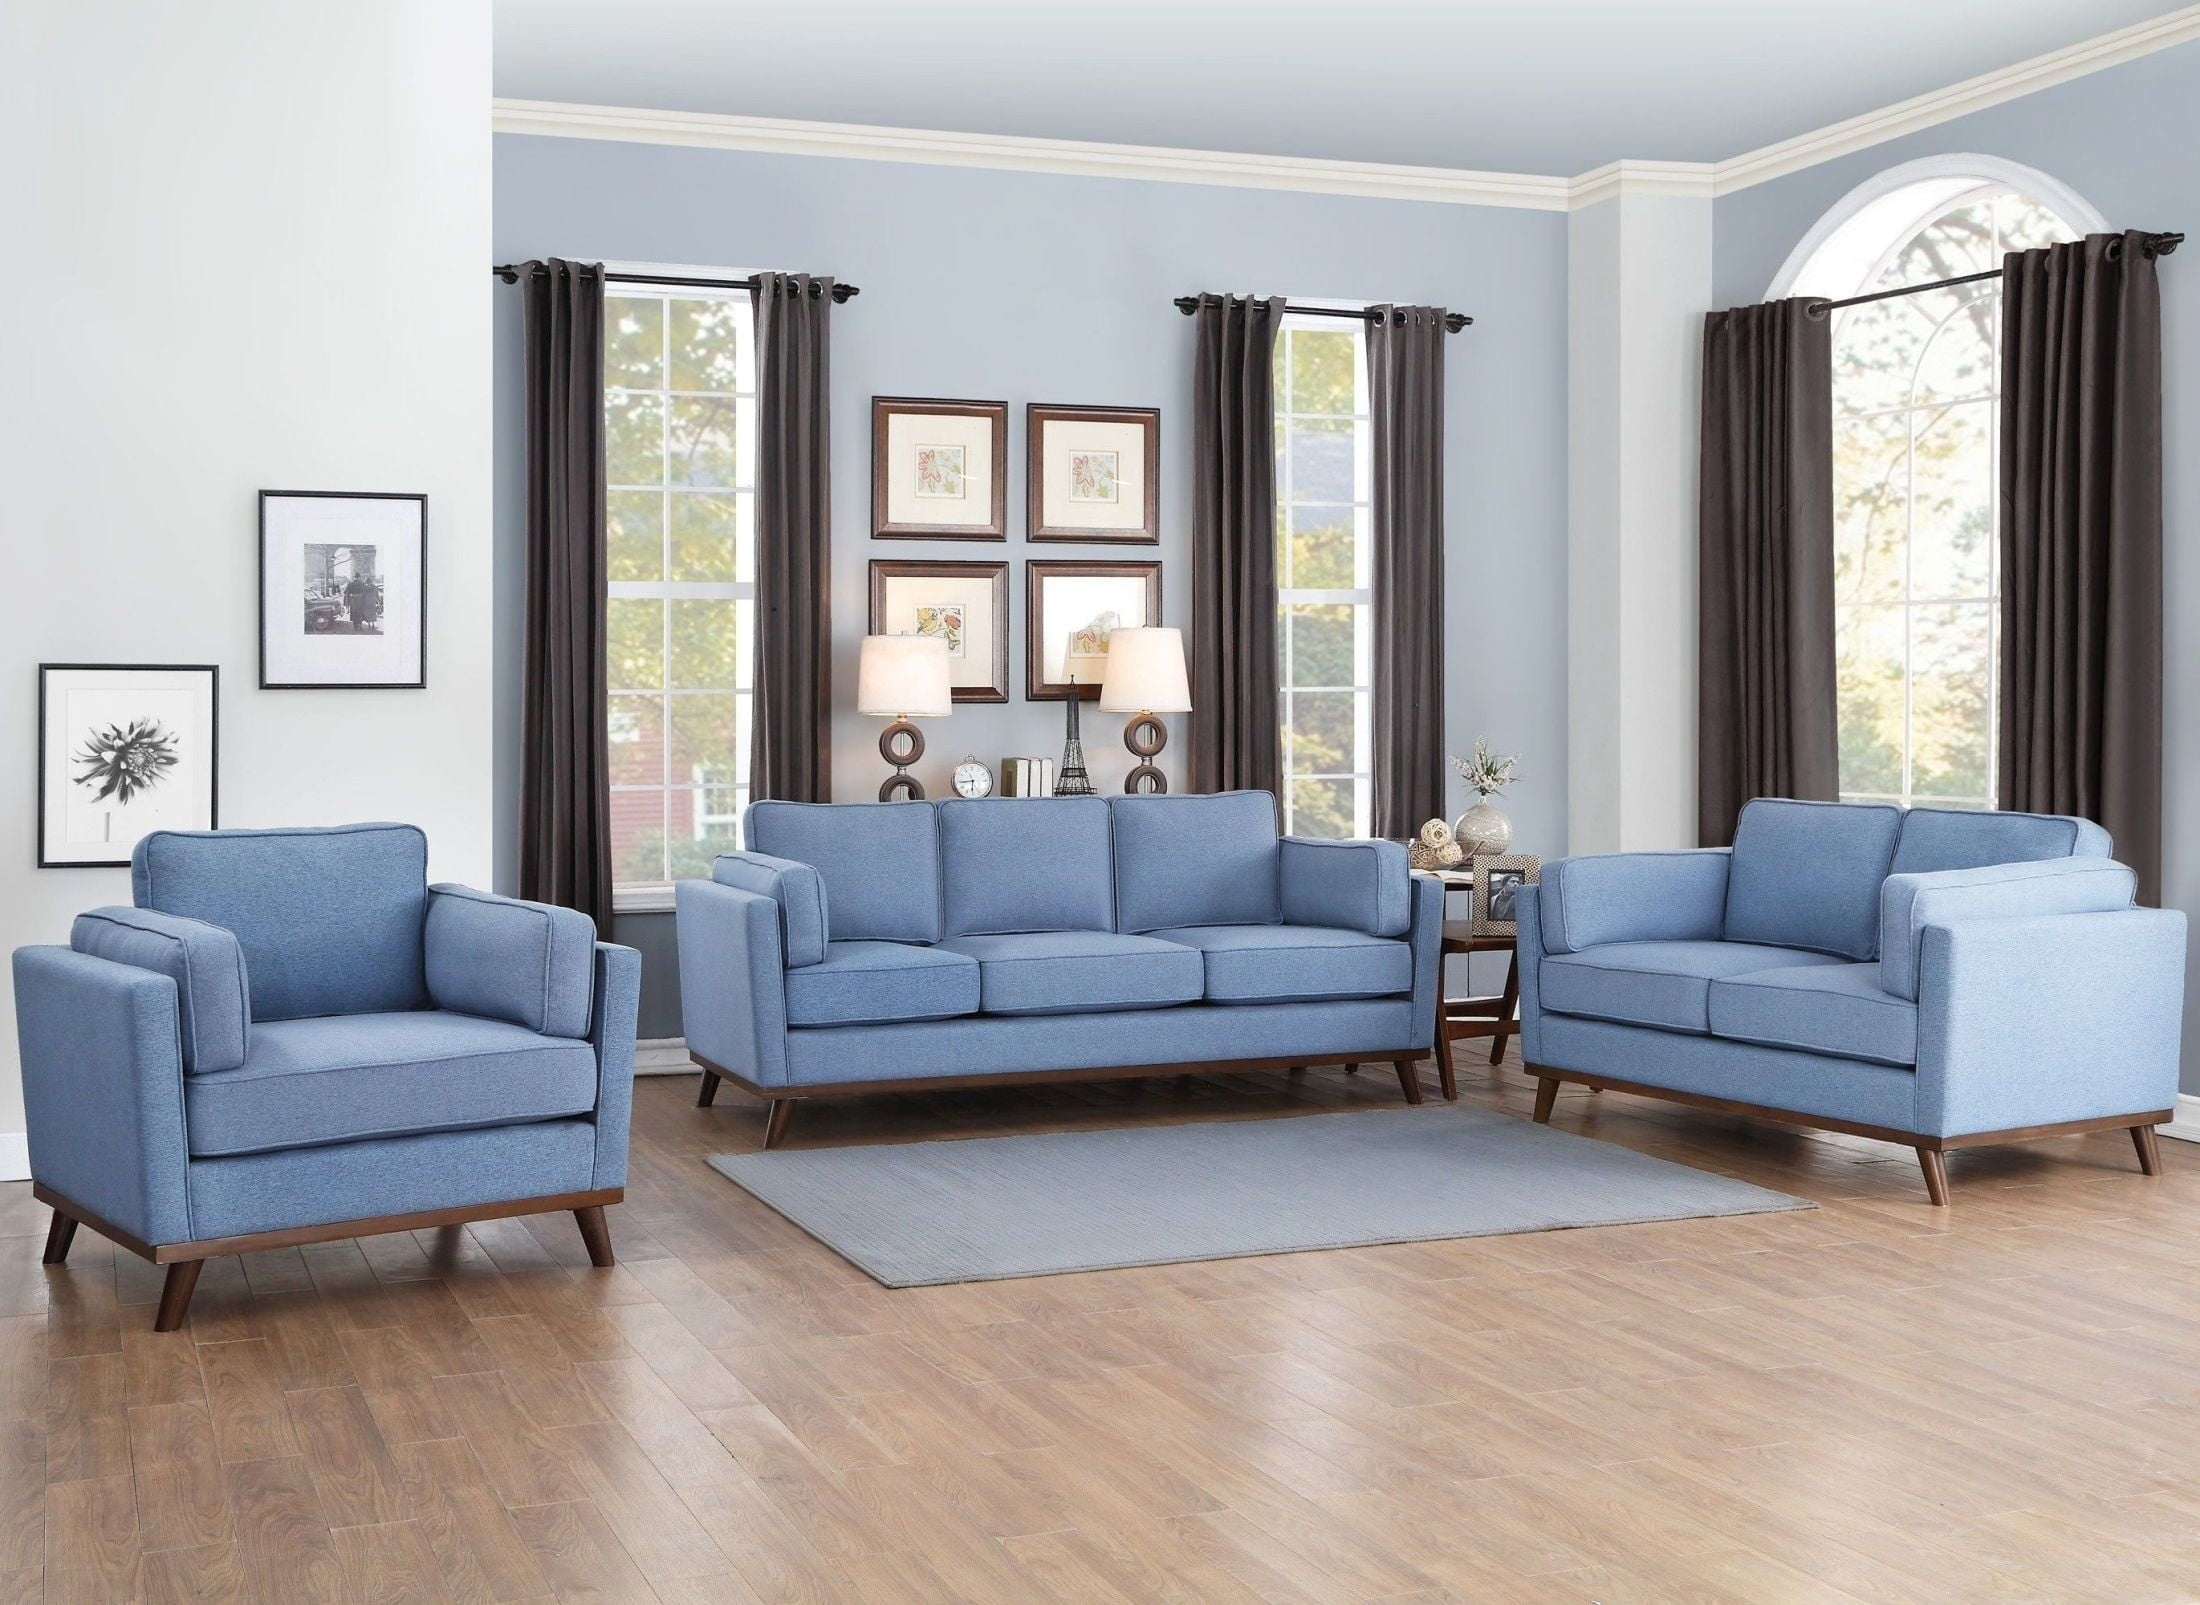 Bedos Blue Living Room Set from Homelegance